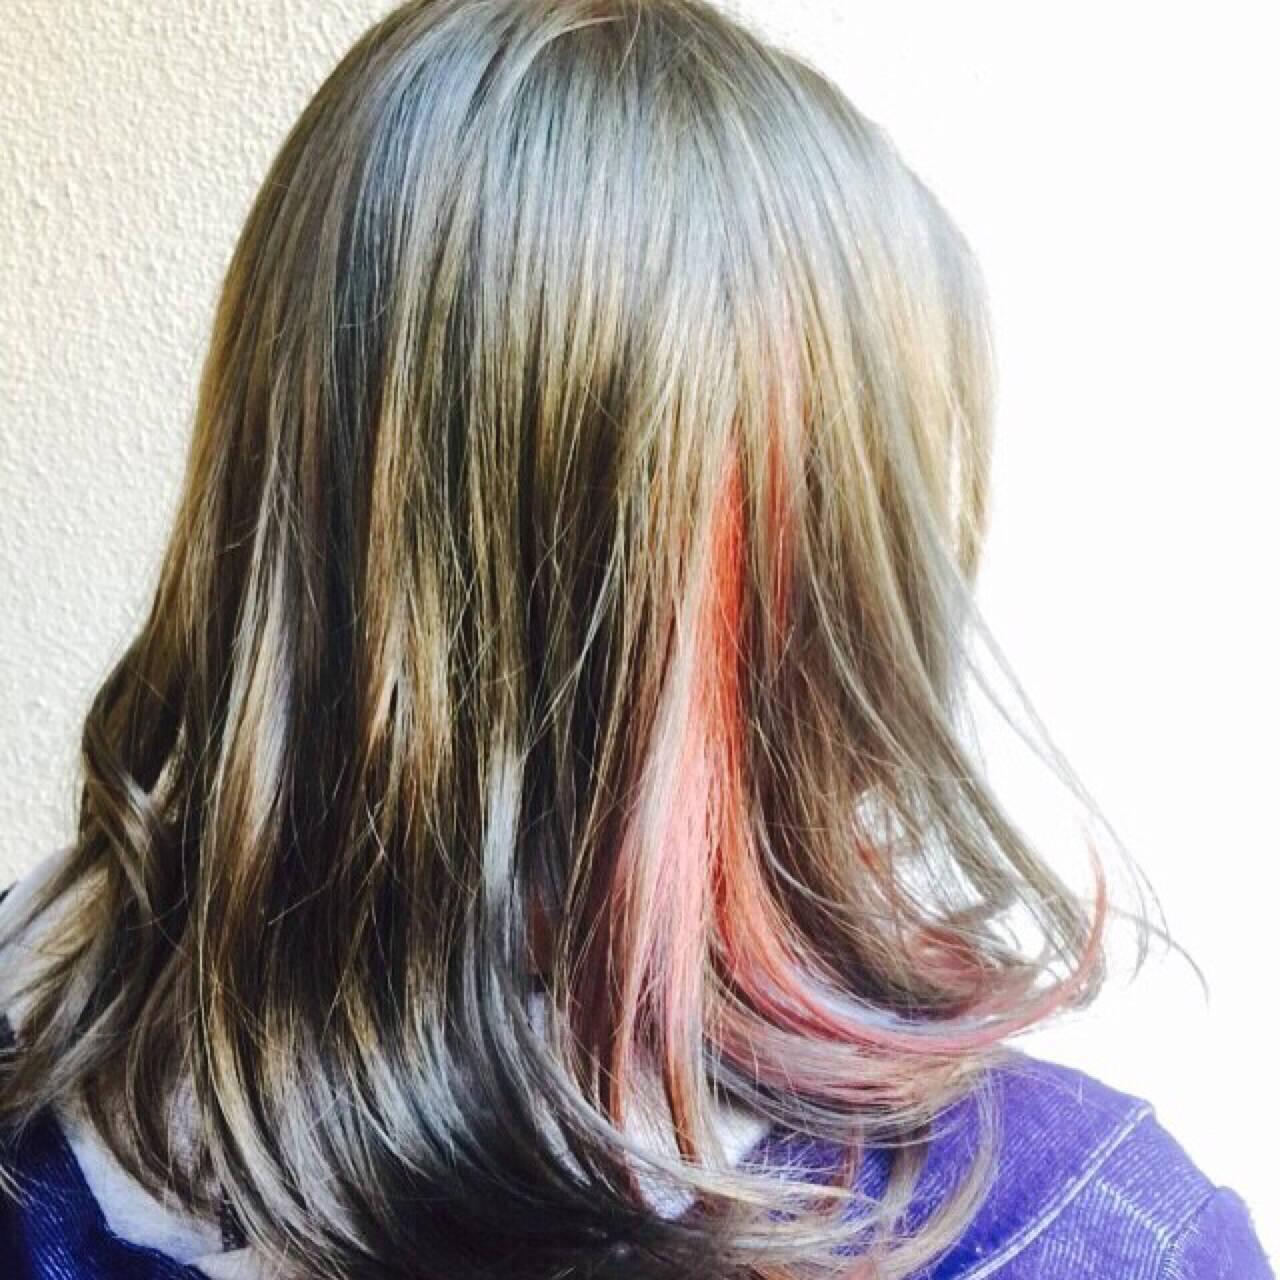 アッシュ インナーカラー ミディアム 外国人風ヘアスタイルや髪型の写真・画像